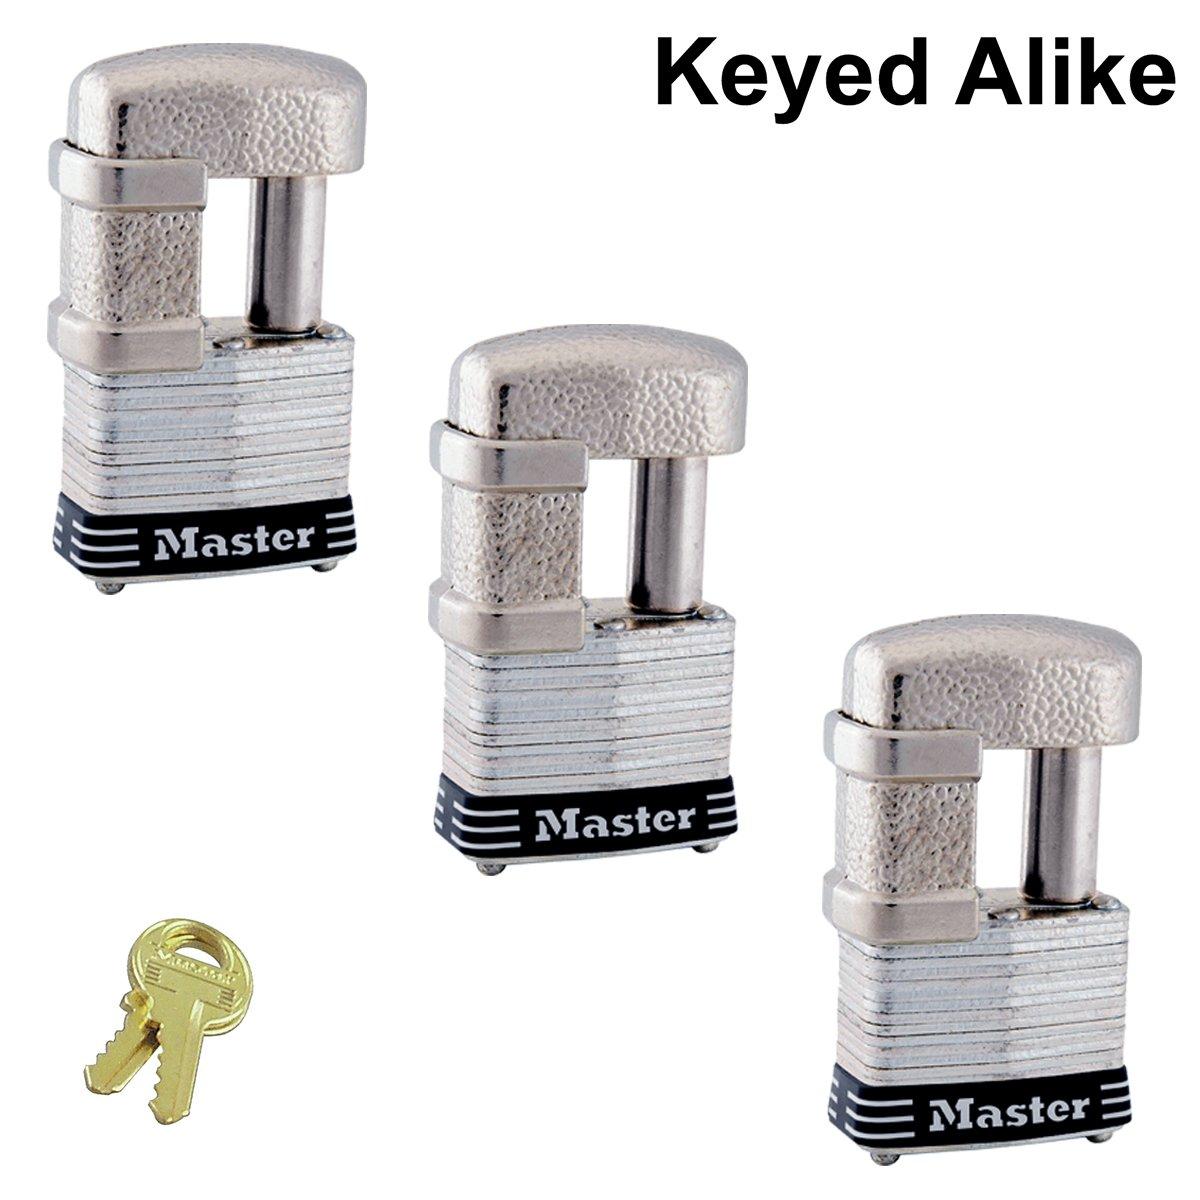 Master Lock - (3) Keyed Alike Trailer & Multi Purpose Padlocks, 37KA-3